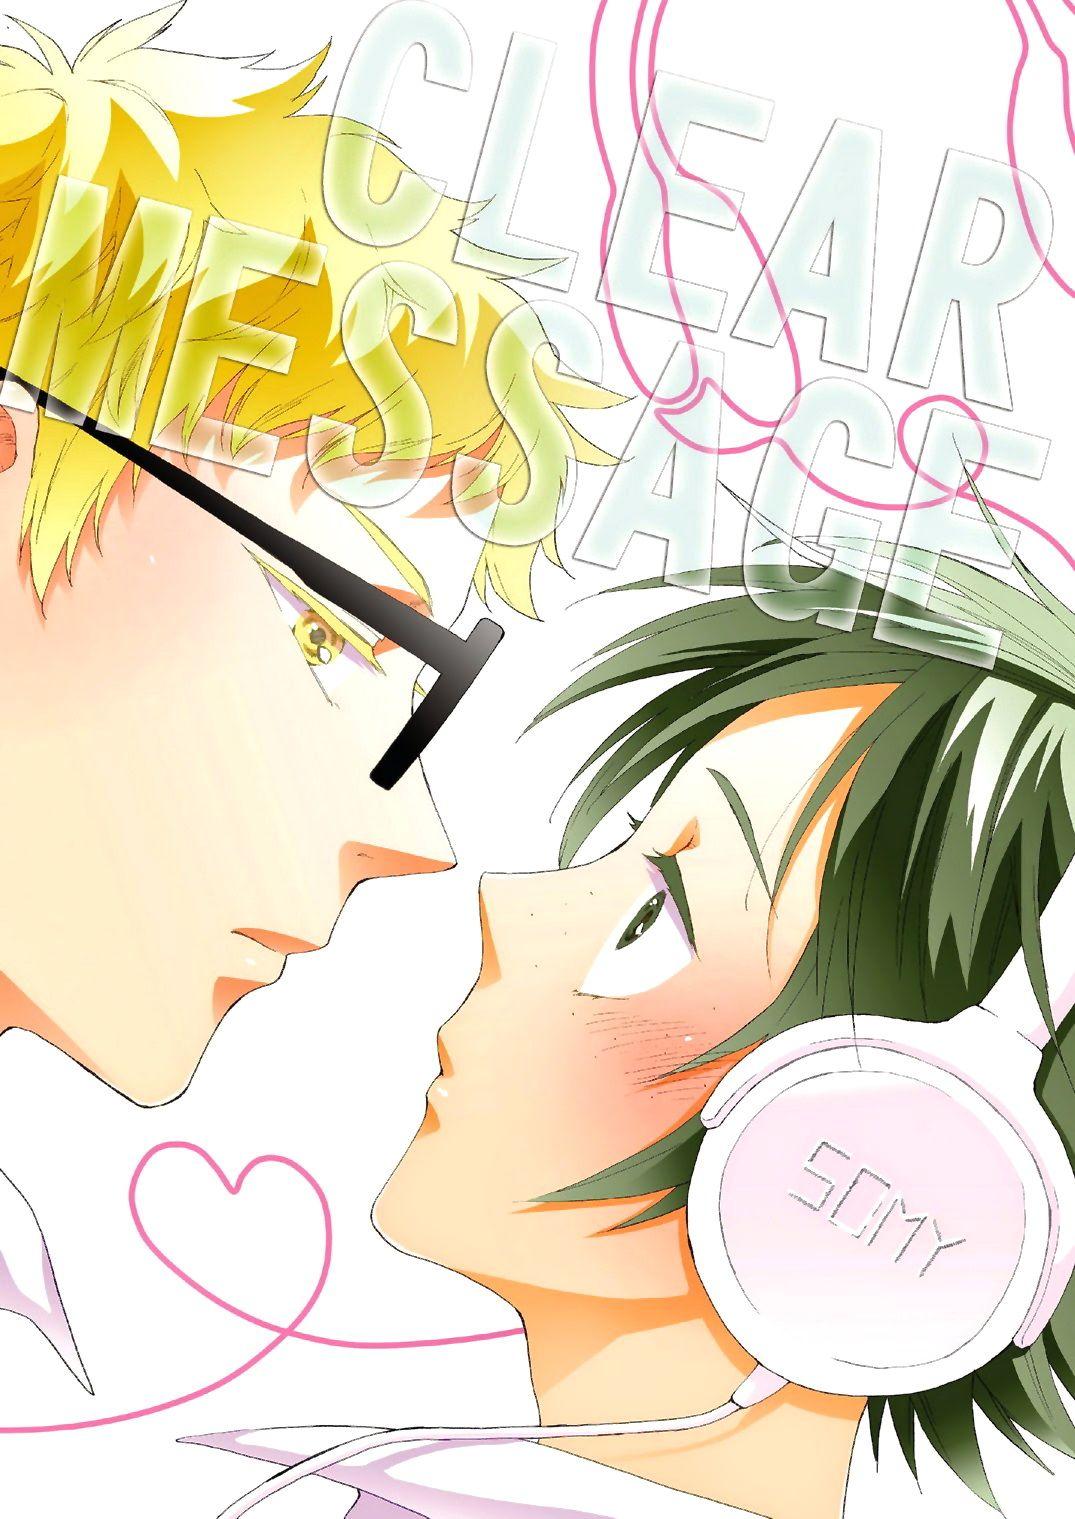 [hatvhat (Endou Happi)] Haikyuu!! dj – Clear Message #Haikyuu!! dj #tsukkiyama #shounen ai